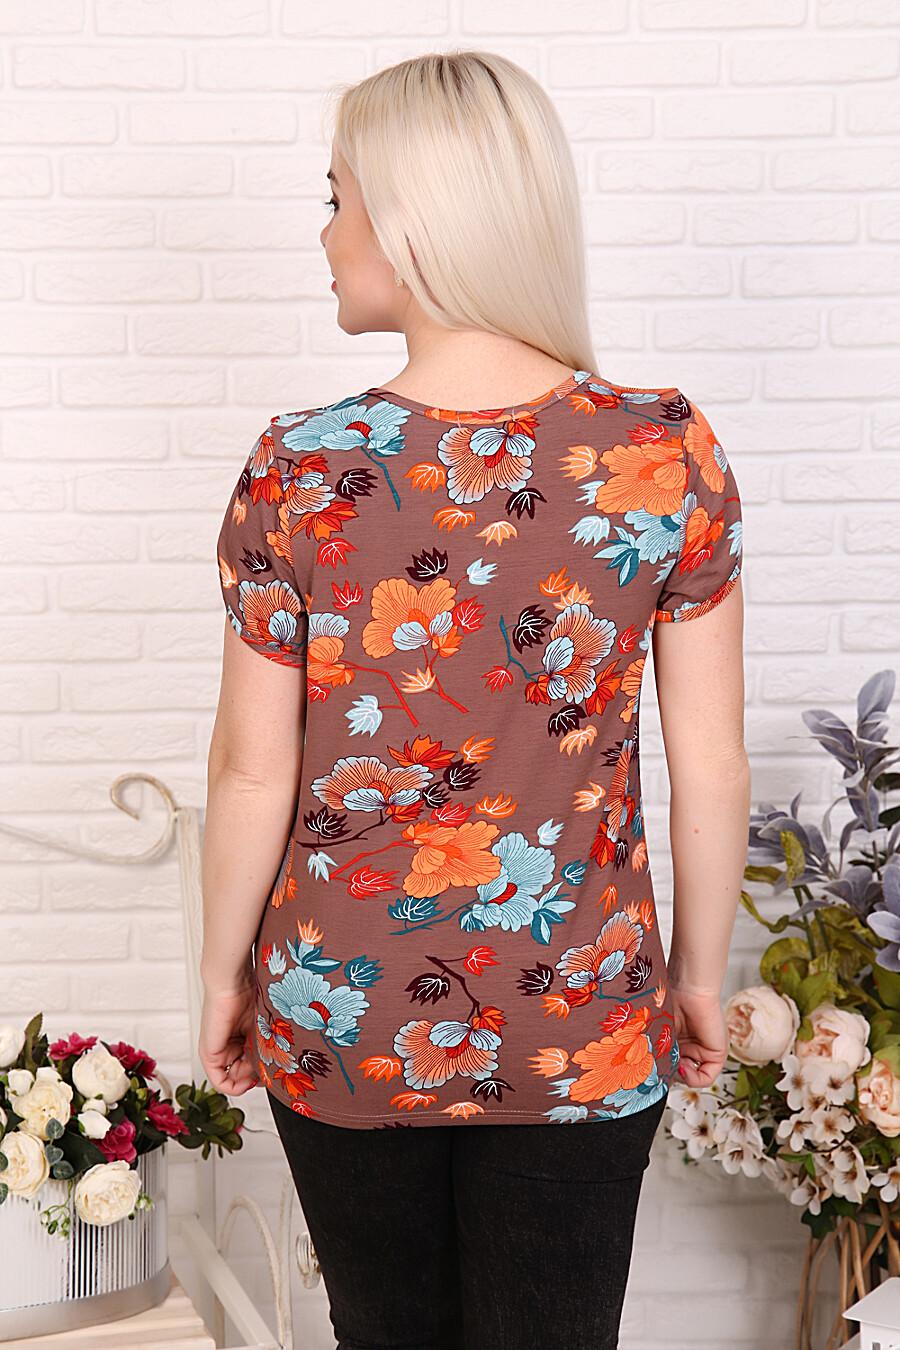 Футболка 27573 для женщин НАТАЛИ 649323 купить оптом от производителя. Совместная покупка женской одежды в OptMoyo